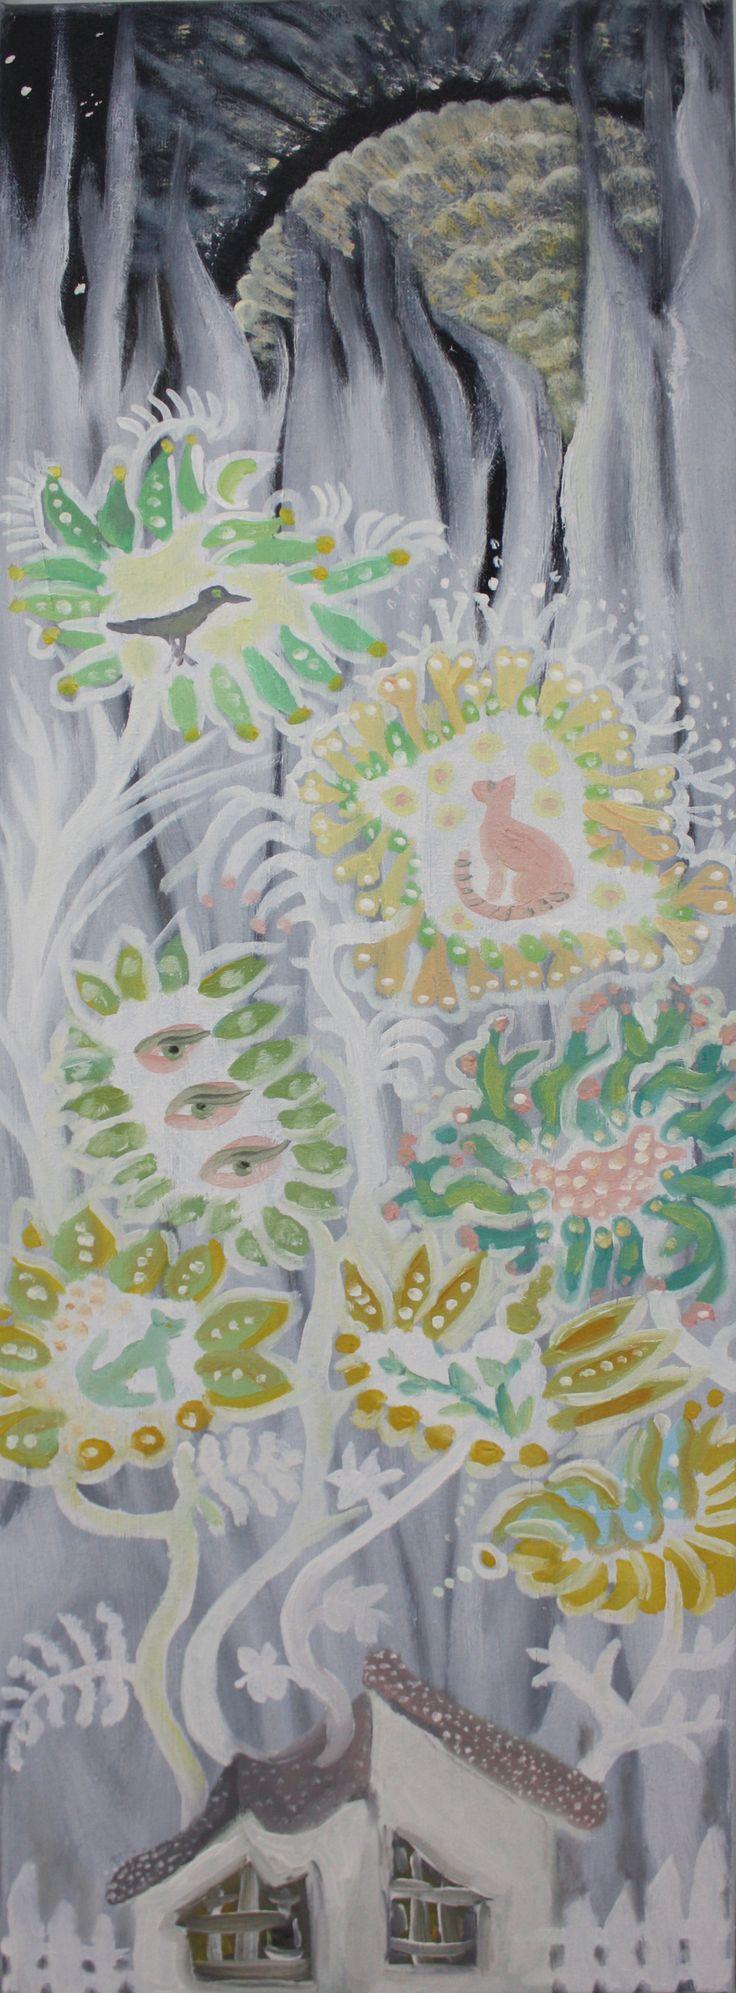 Obraz olejny Dzikie kwiaty, pionowy, z szarym tłem i nieforemnymi polnymi kwiatami o zróżnicowanym wyglądzie.  Kwiaty pastelowe w barwie, wybujałe, wysmukłe, wyrastające zza szarego domku.   Wymiary: 60 x 20 cm.   Na lewym boku obraz opisany imieniem, nazwiskiem i tytułem.  Z przodu brak sygnatury, zdawało mi się, że na tak wąskim formacie byłaby zbyt krzycząca.  Boki zamalowane na szaro.